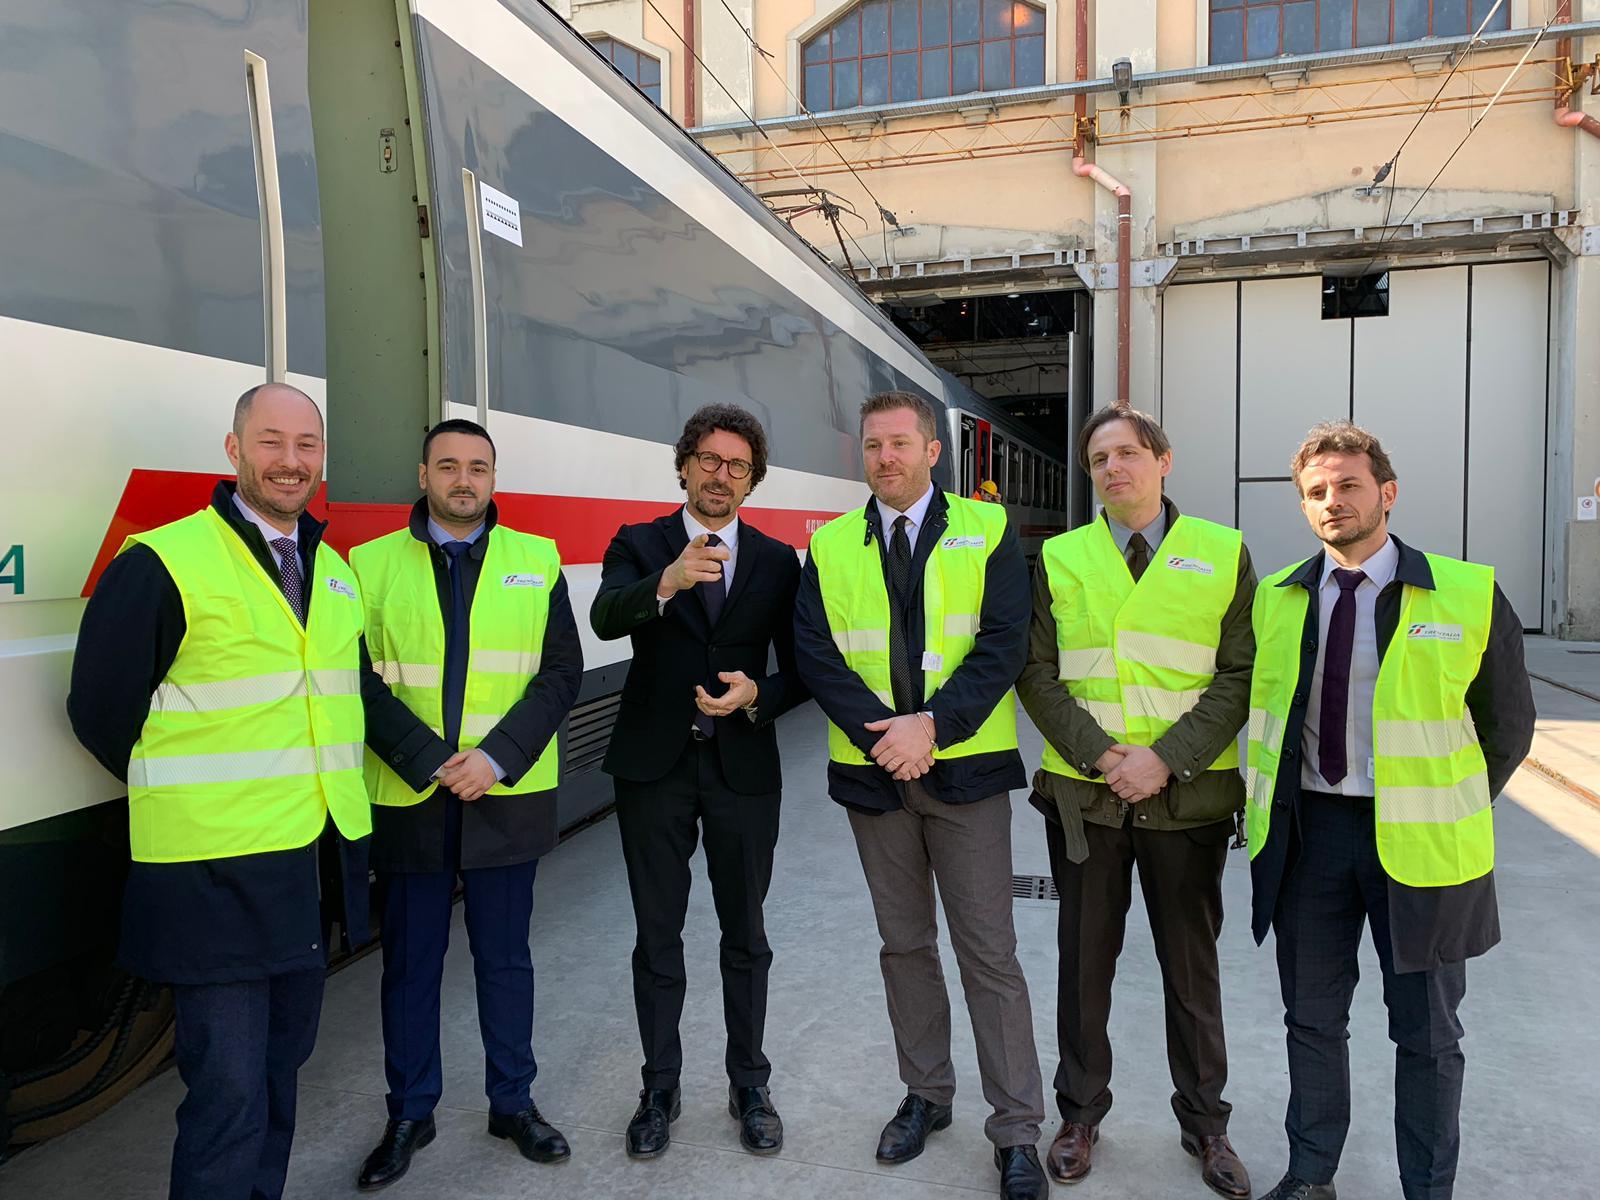 Investimenti trasporto pubblico, ora Regione Lombardia faccia la sua parte!